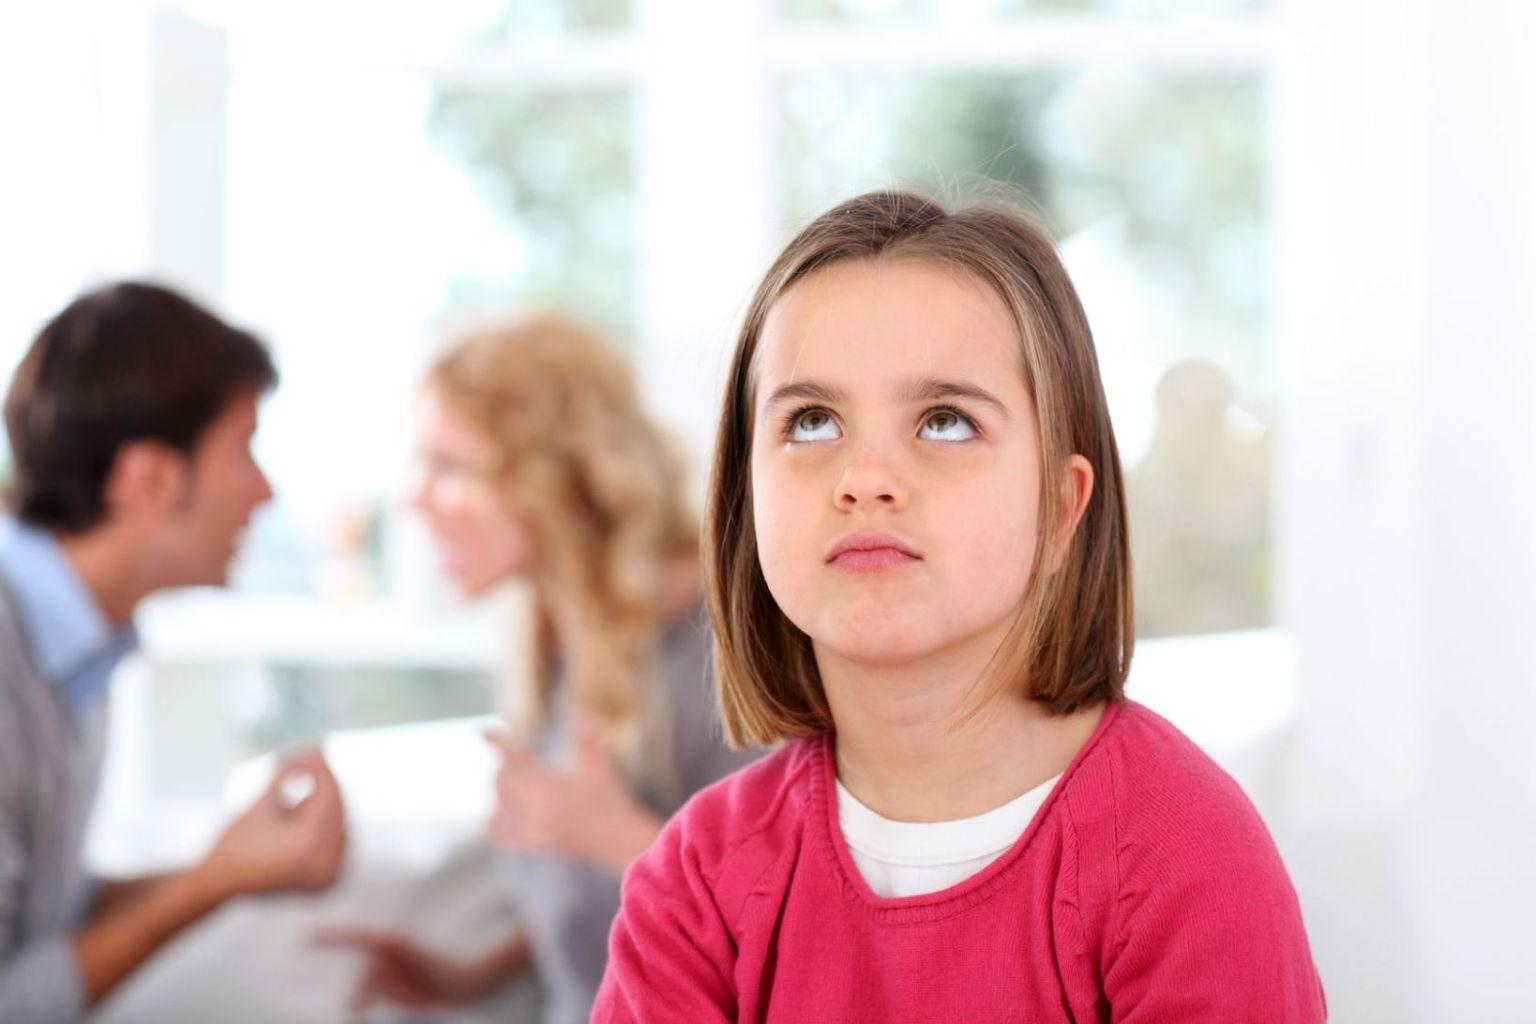 子供は親の離婚から何を学ぶのか?離婚が子供の将来に及ぼす影響とは?